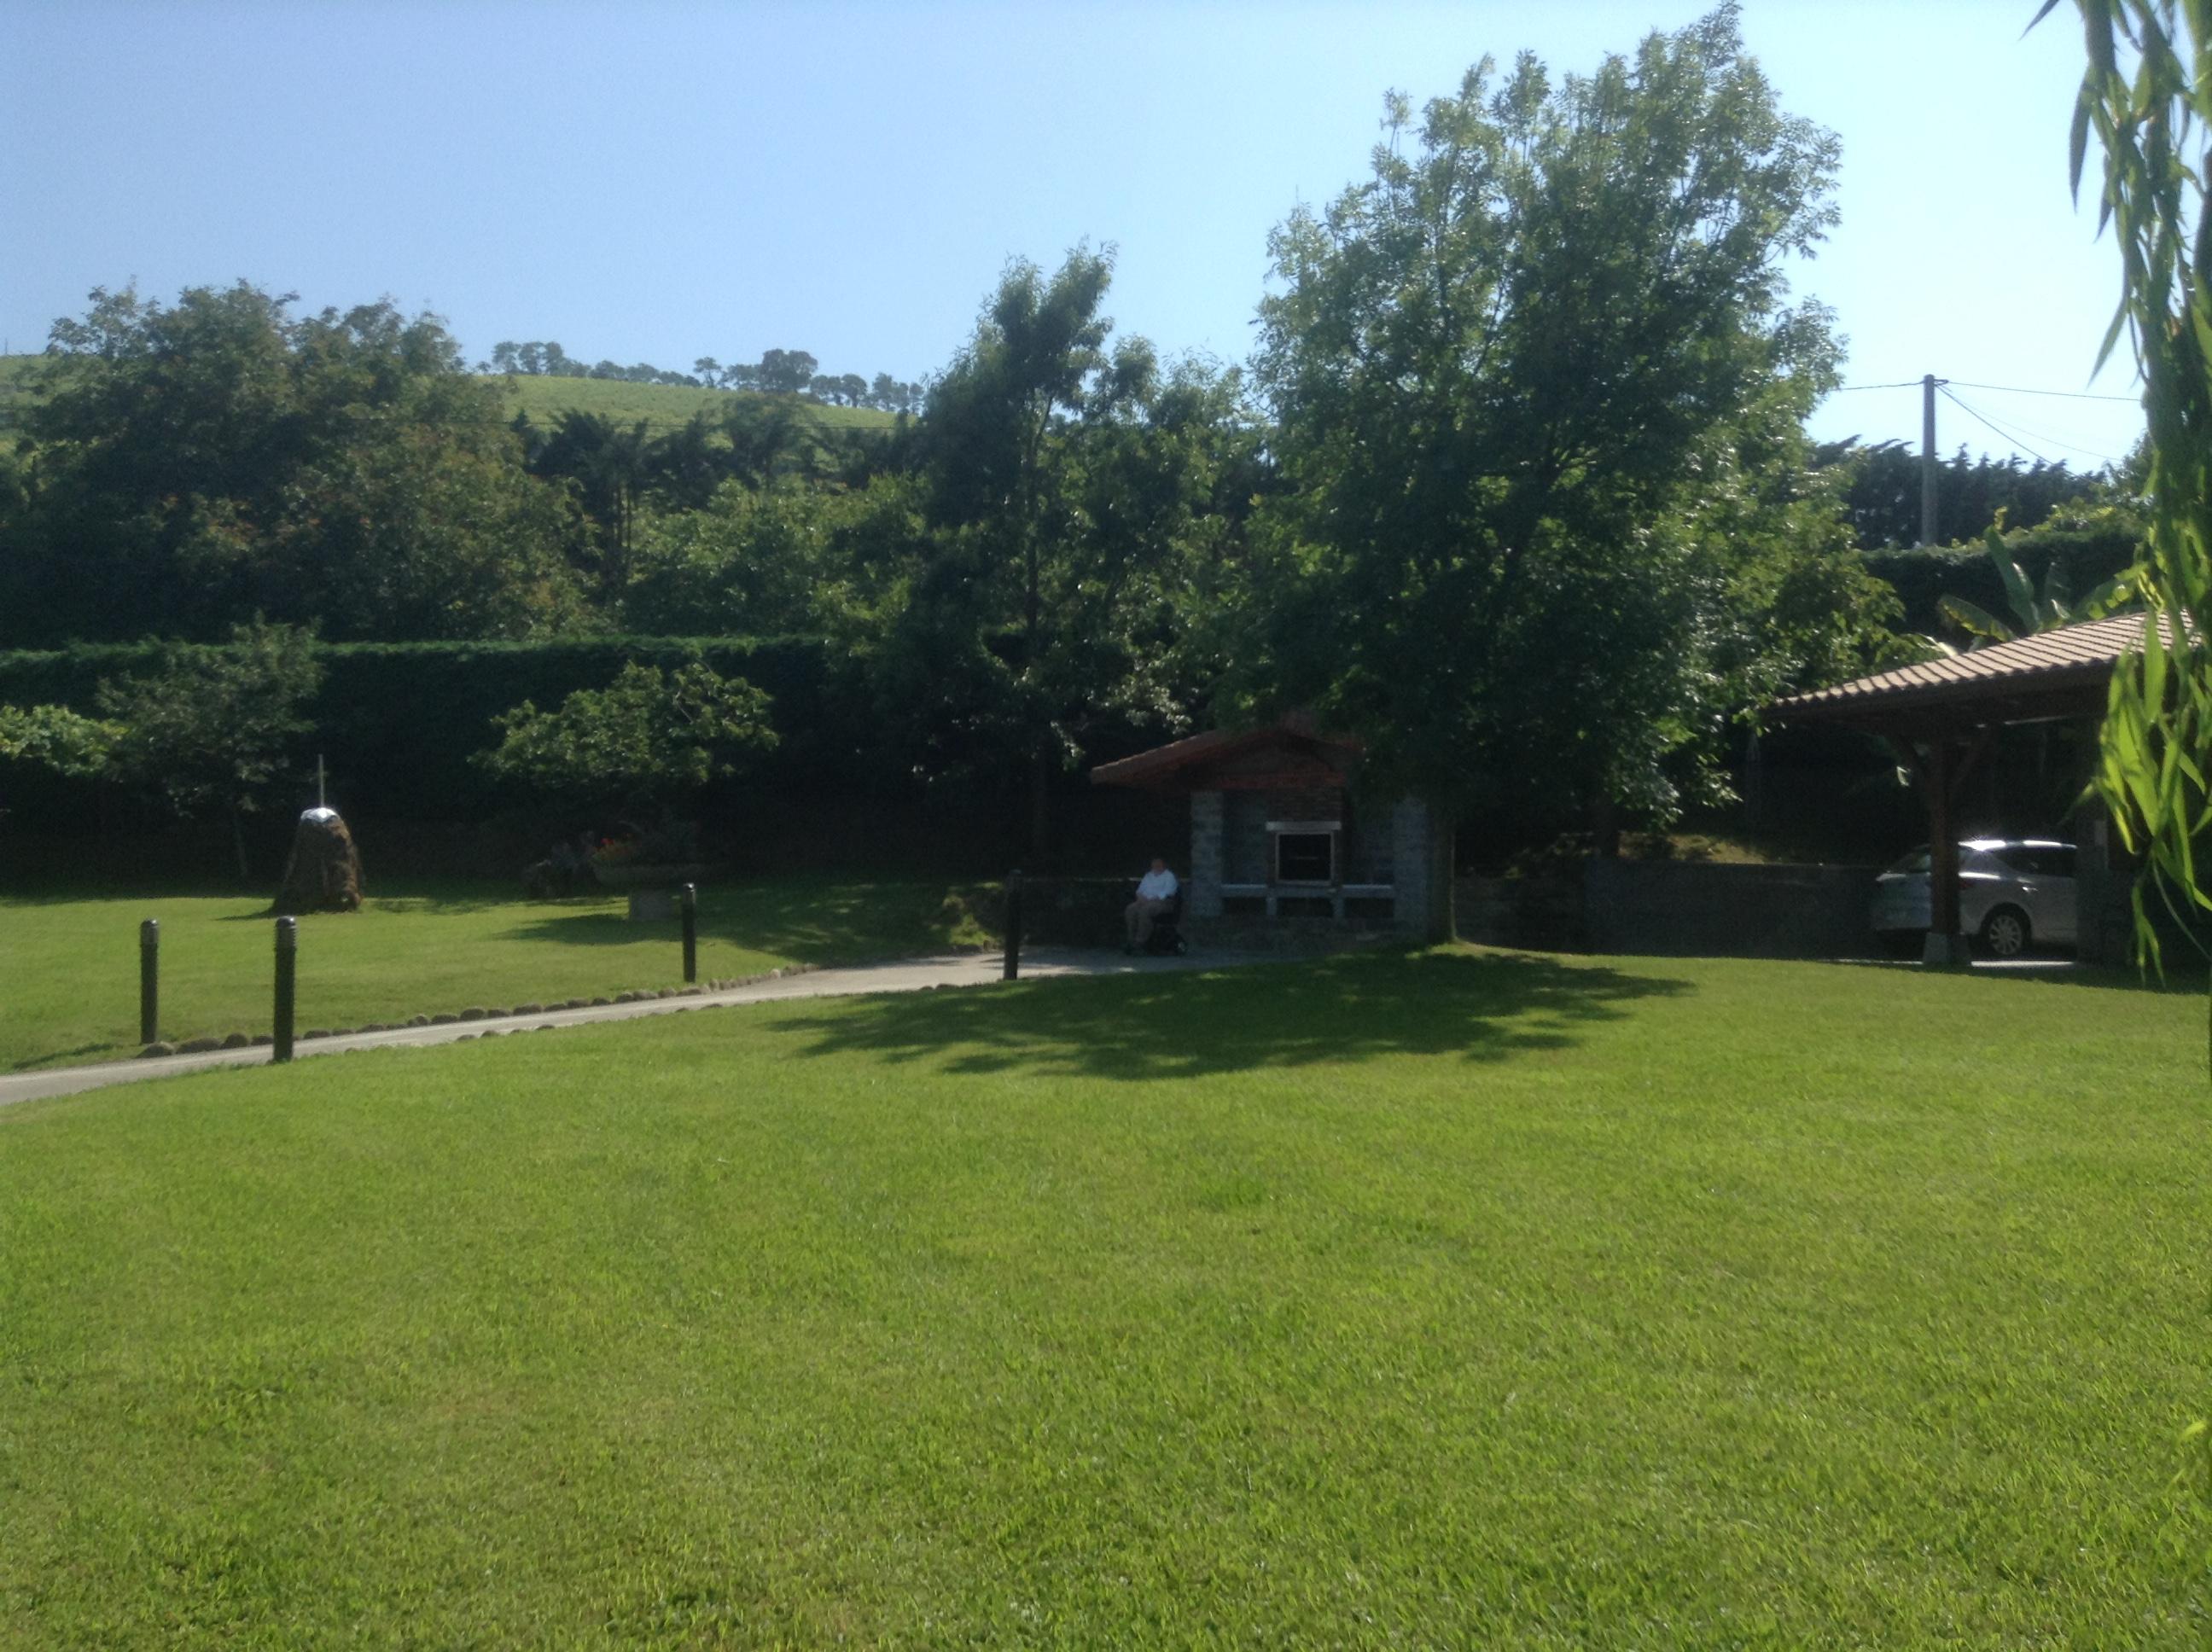 The garden and barbecue at Epotx Etxea